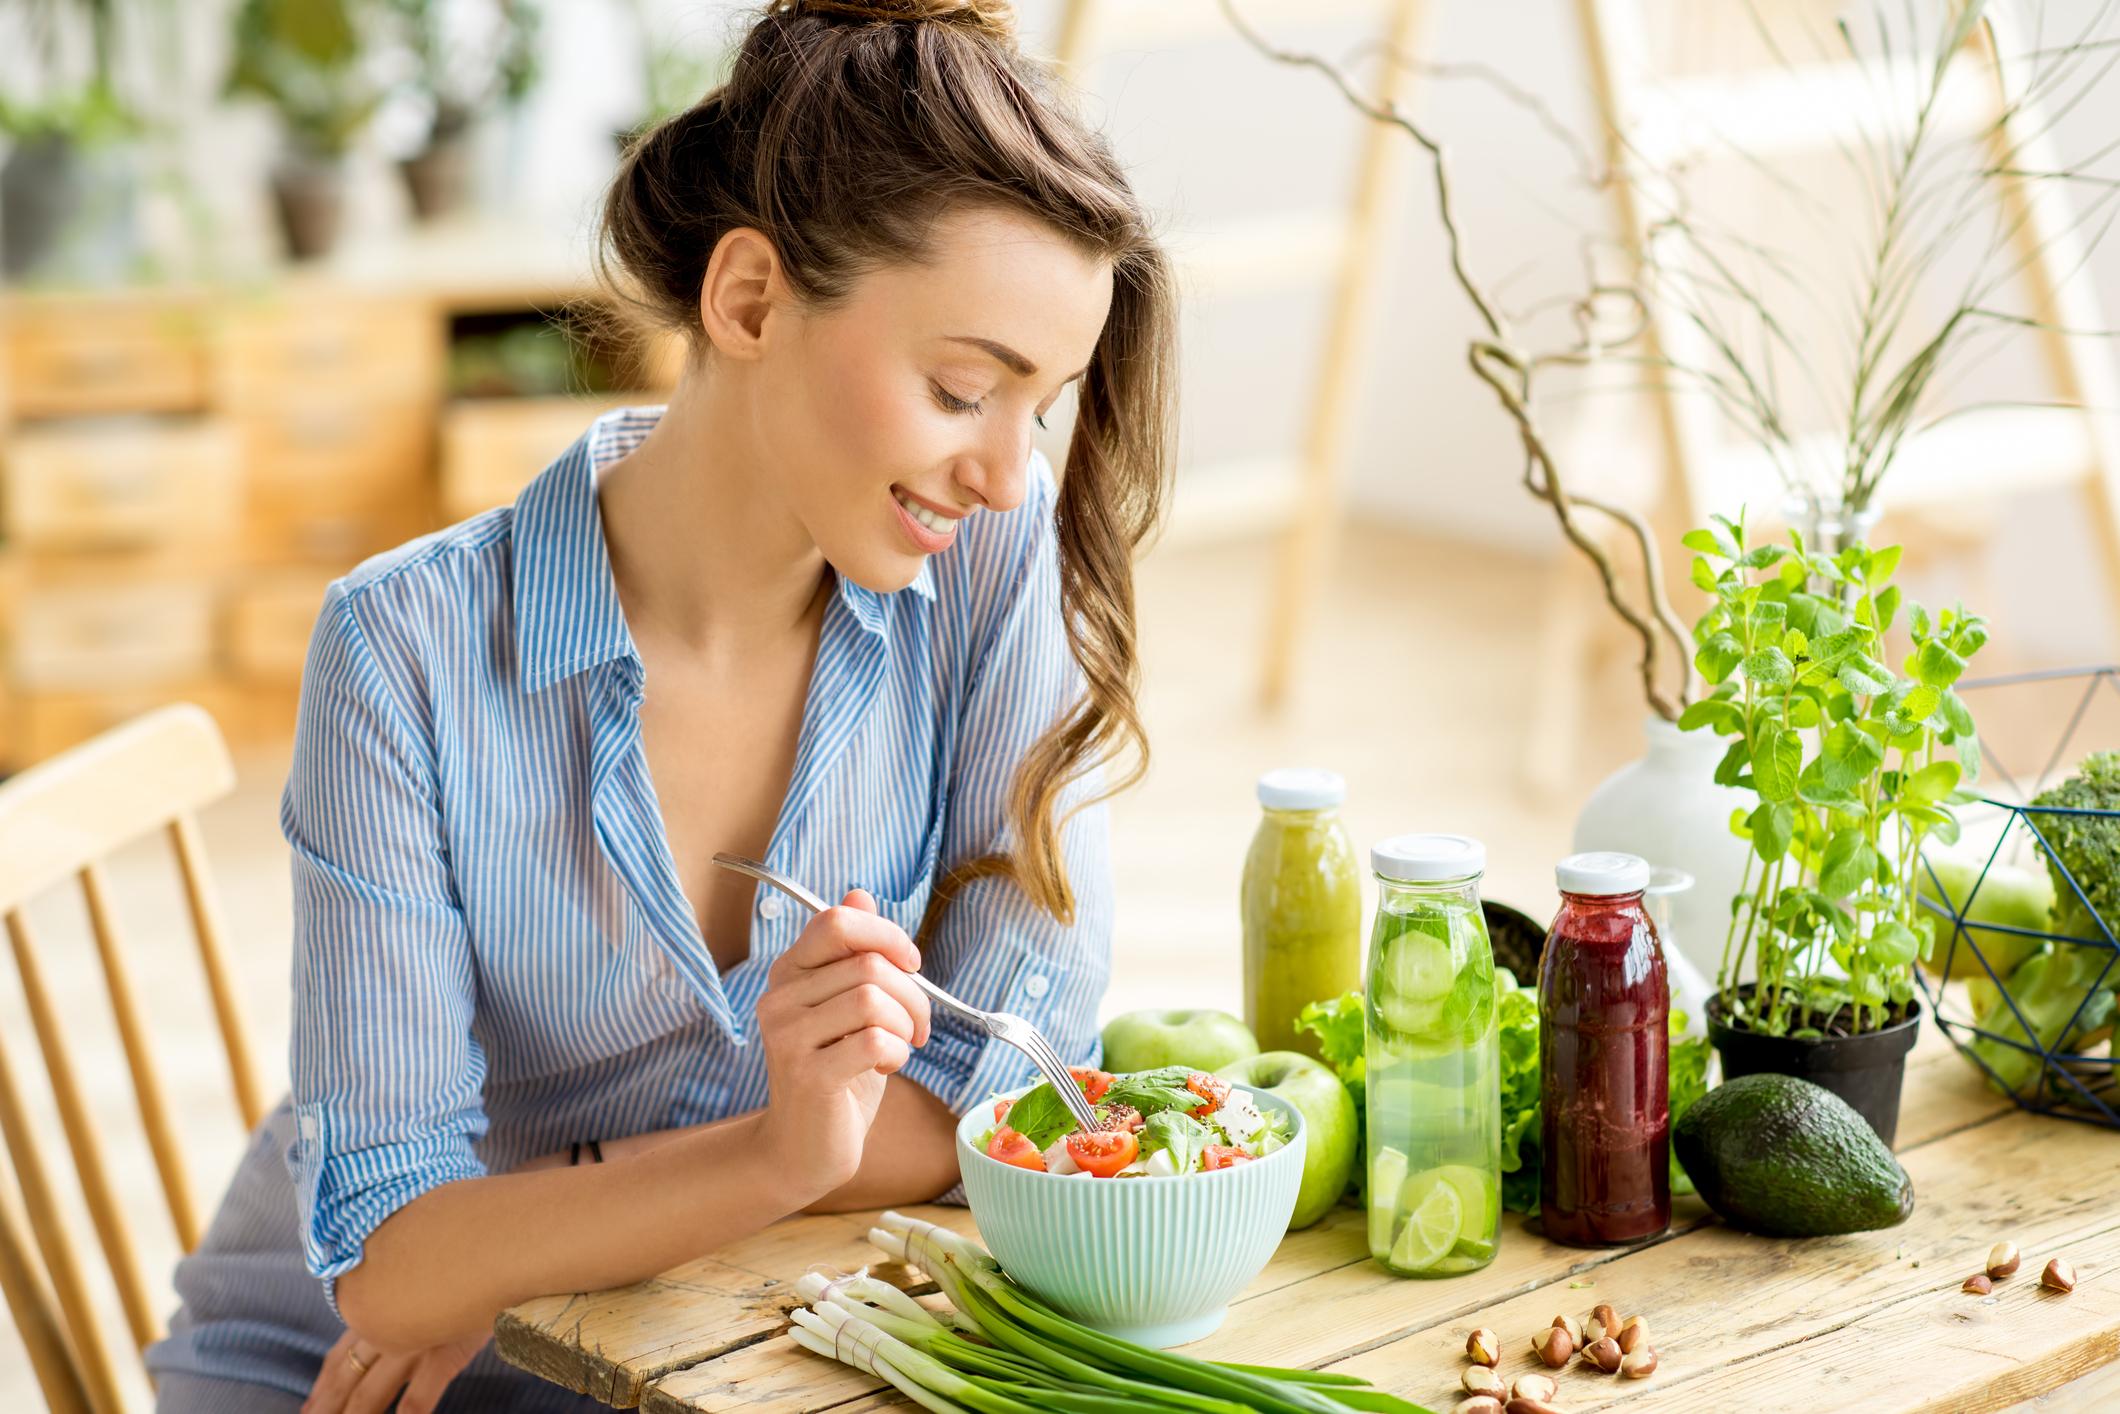 Com boa alimentação, é possível reverter um quadro infeccioso e até mesmo prevenir o organismo de gripes e constipações que podem surgir.